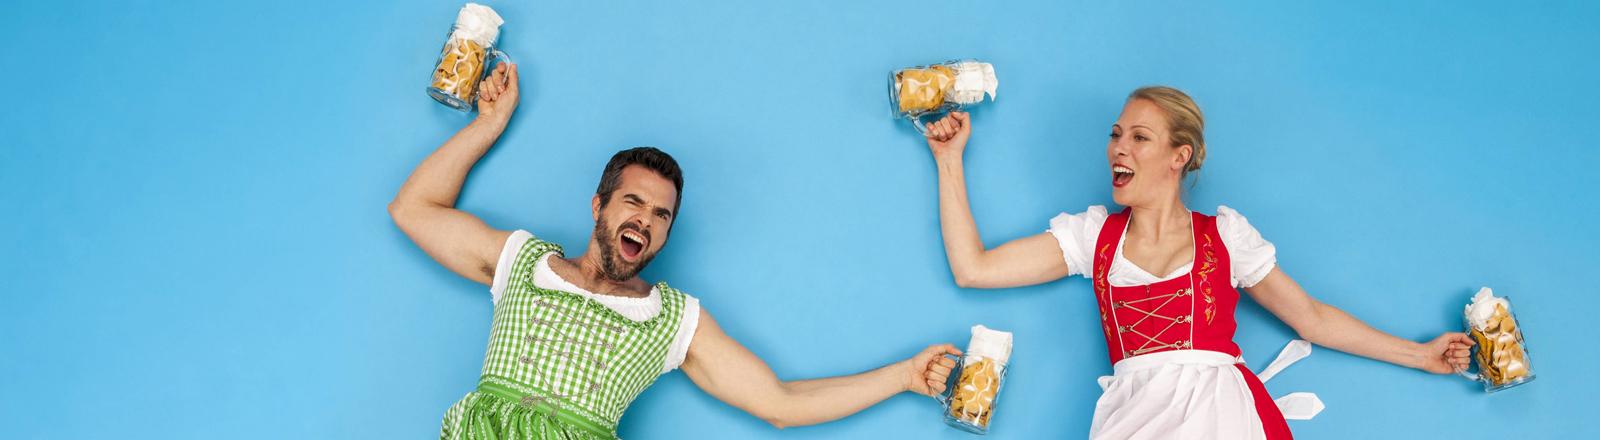 Mann und Frau tanzen in Dirndl mit Bierkrügen in den Händen